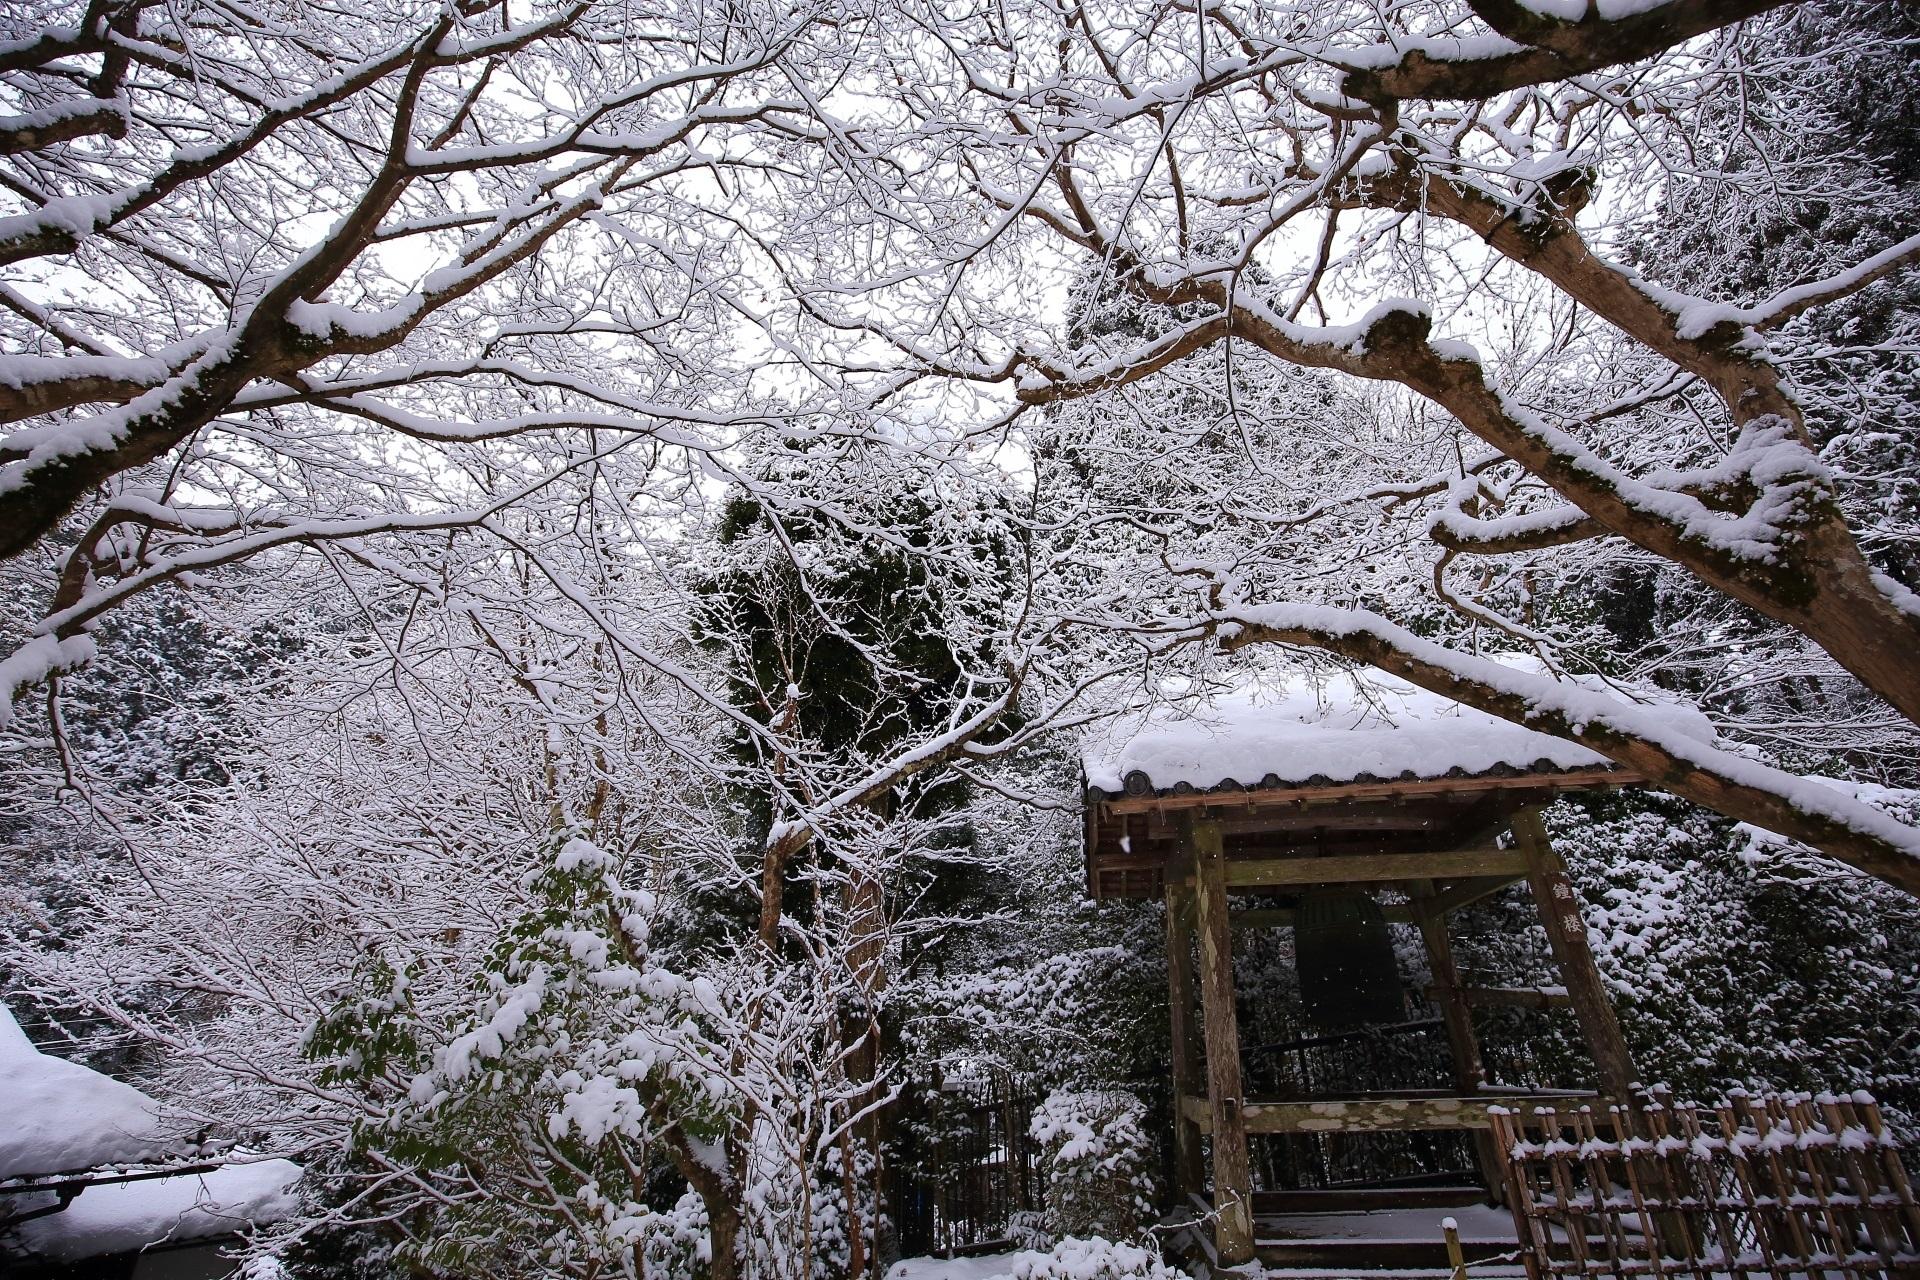 芸術的な枝と美しい雪の花が咲く寂光院